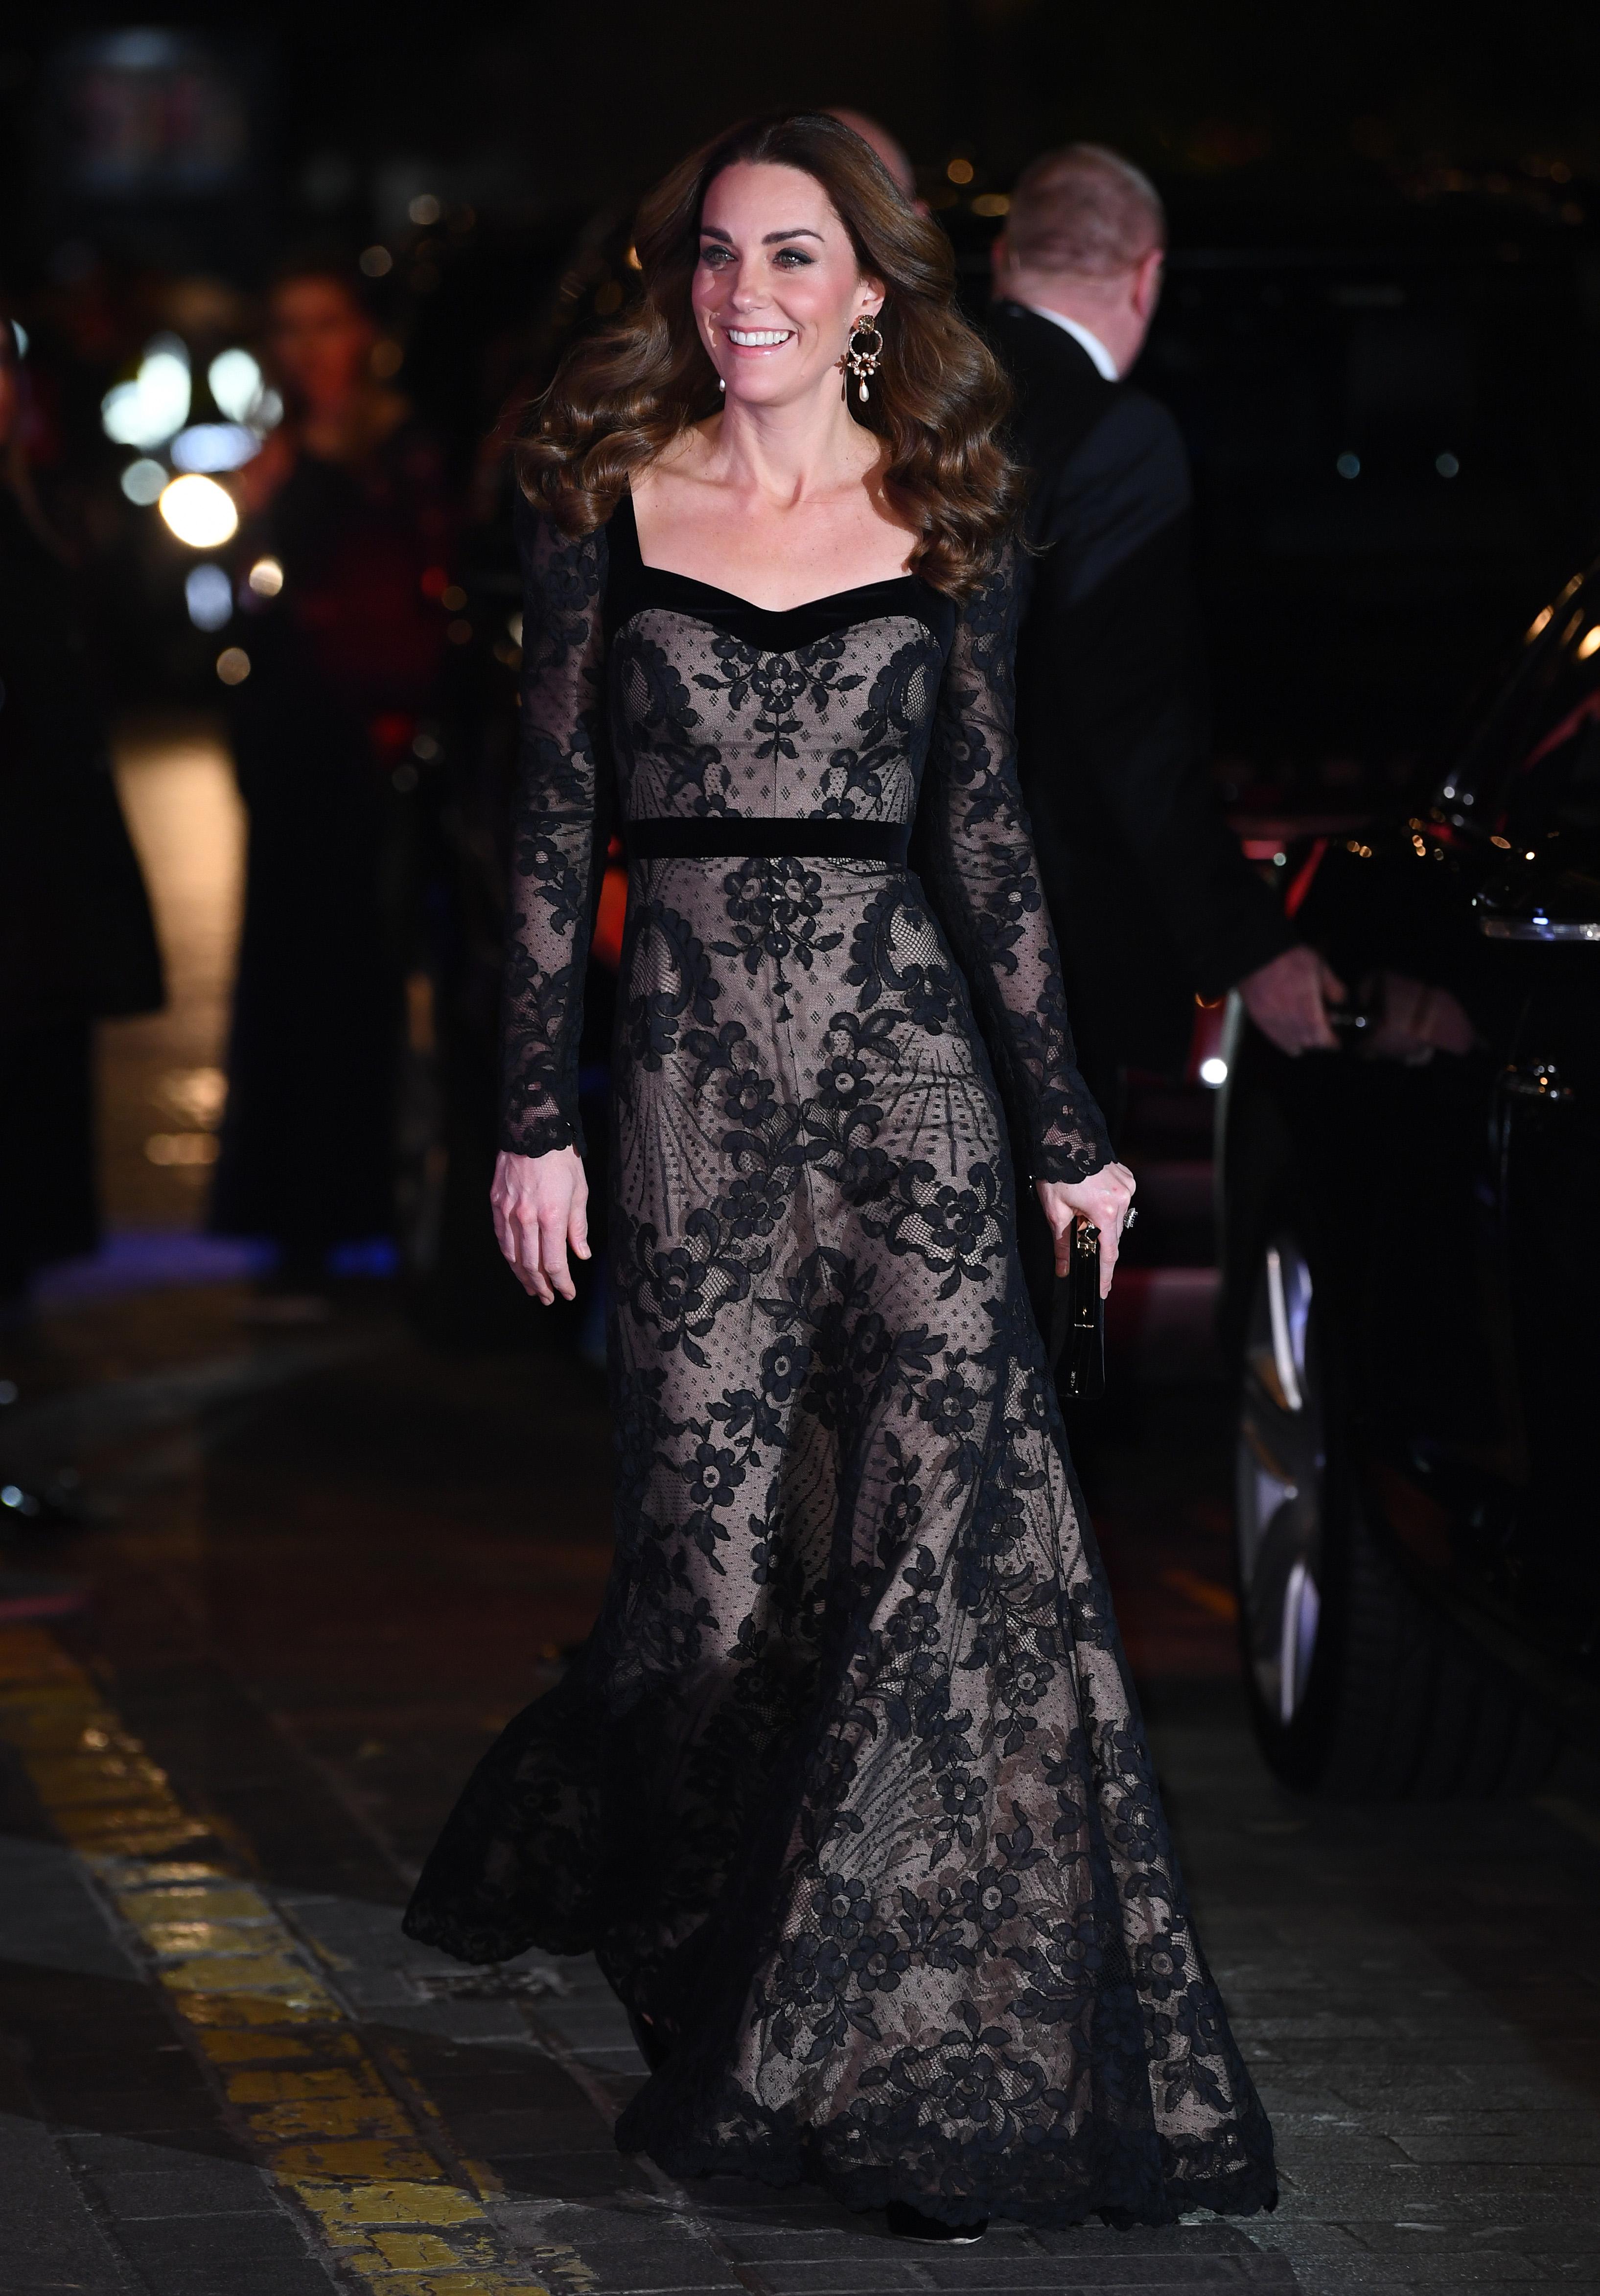 Kate Middleton at Royal Variety Performance 2019